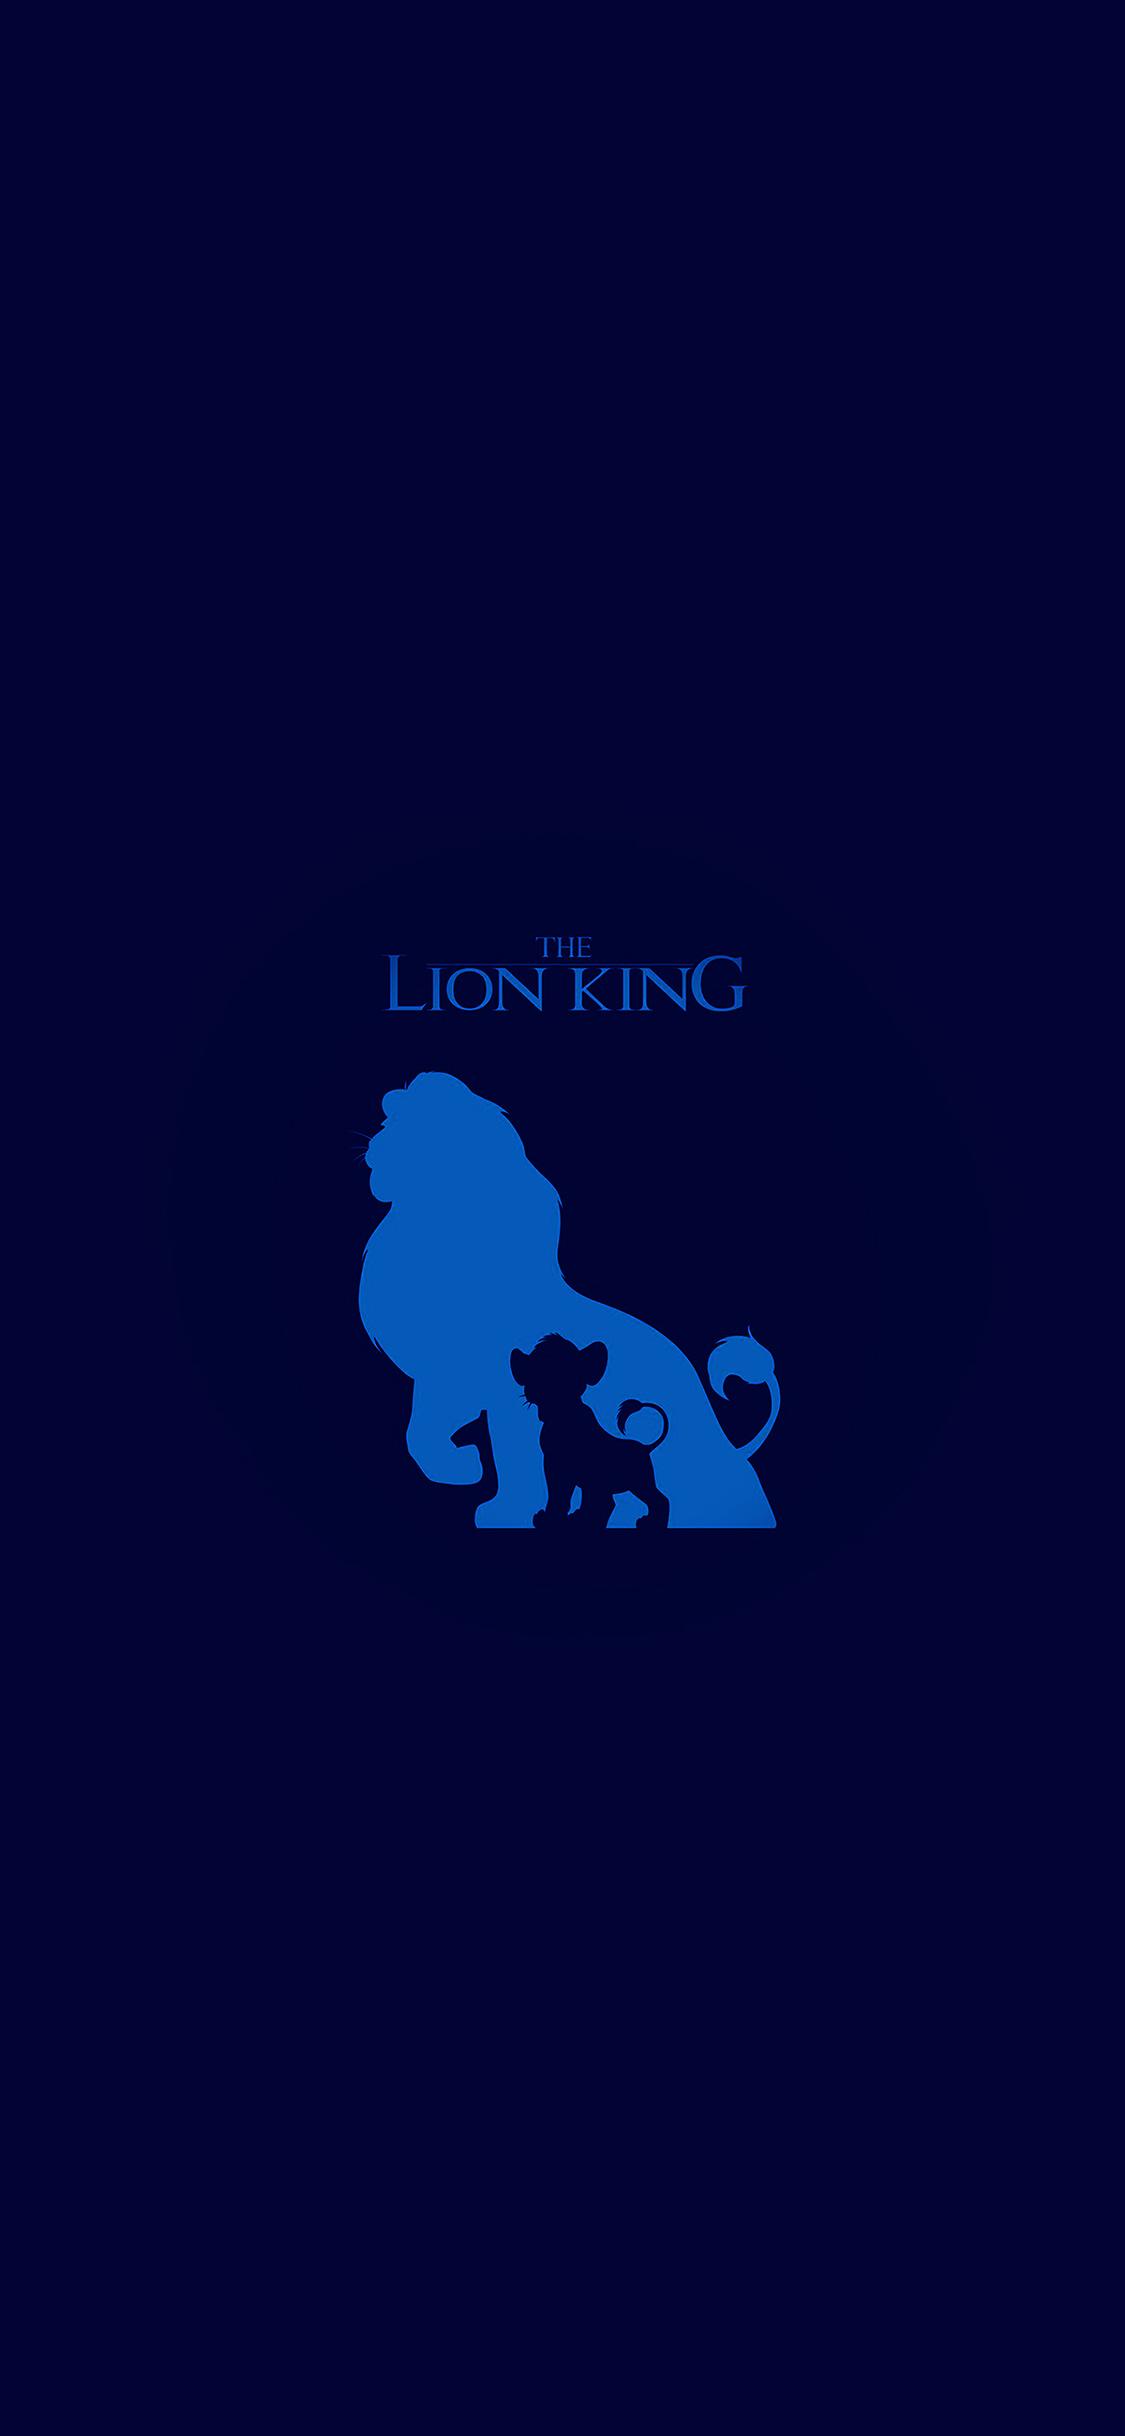 | af43-the-lion-king-blue-minimal-art